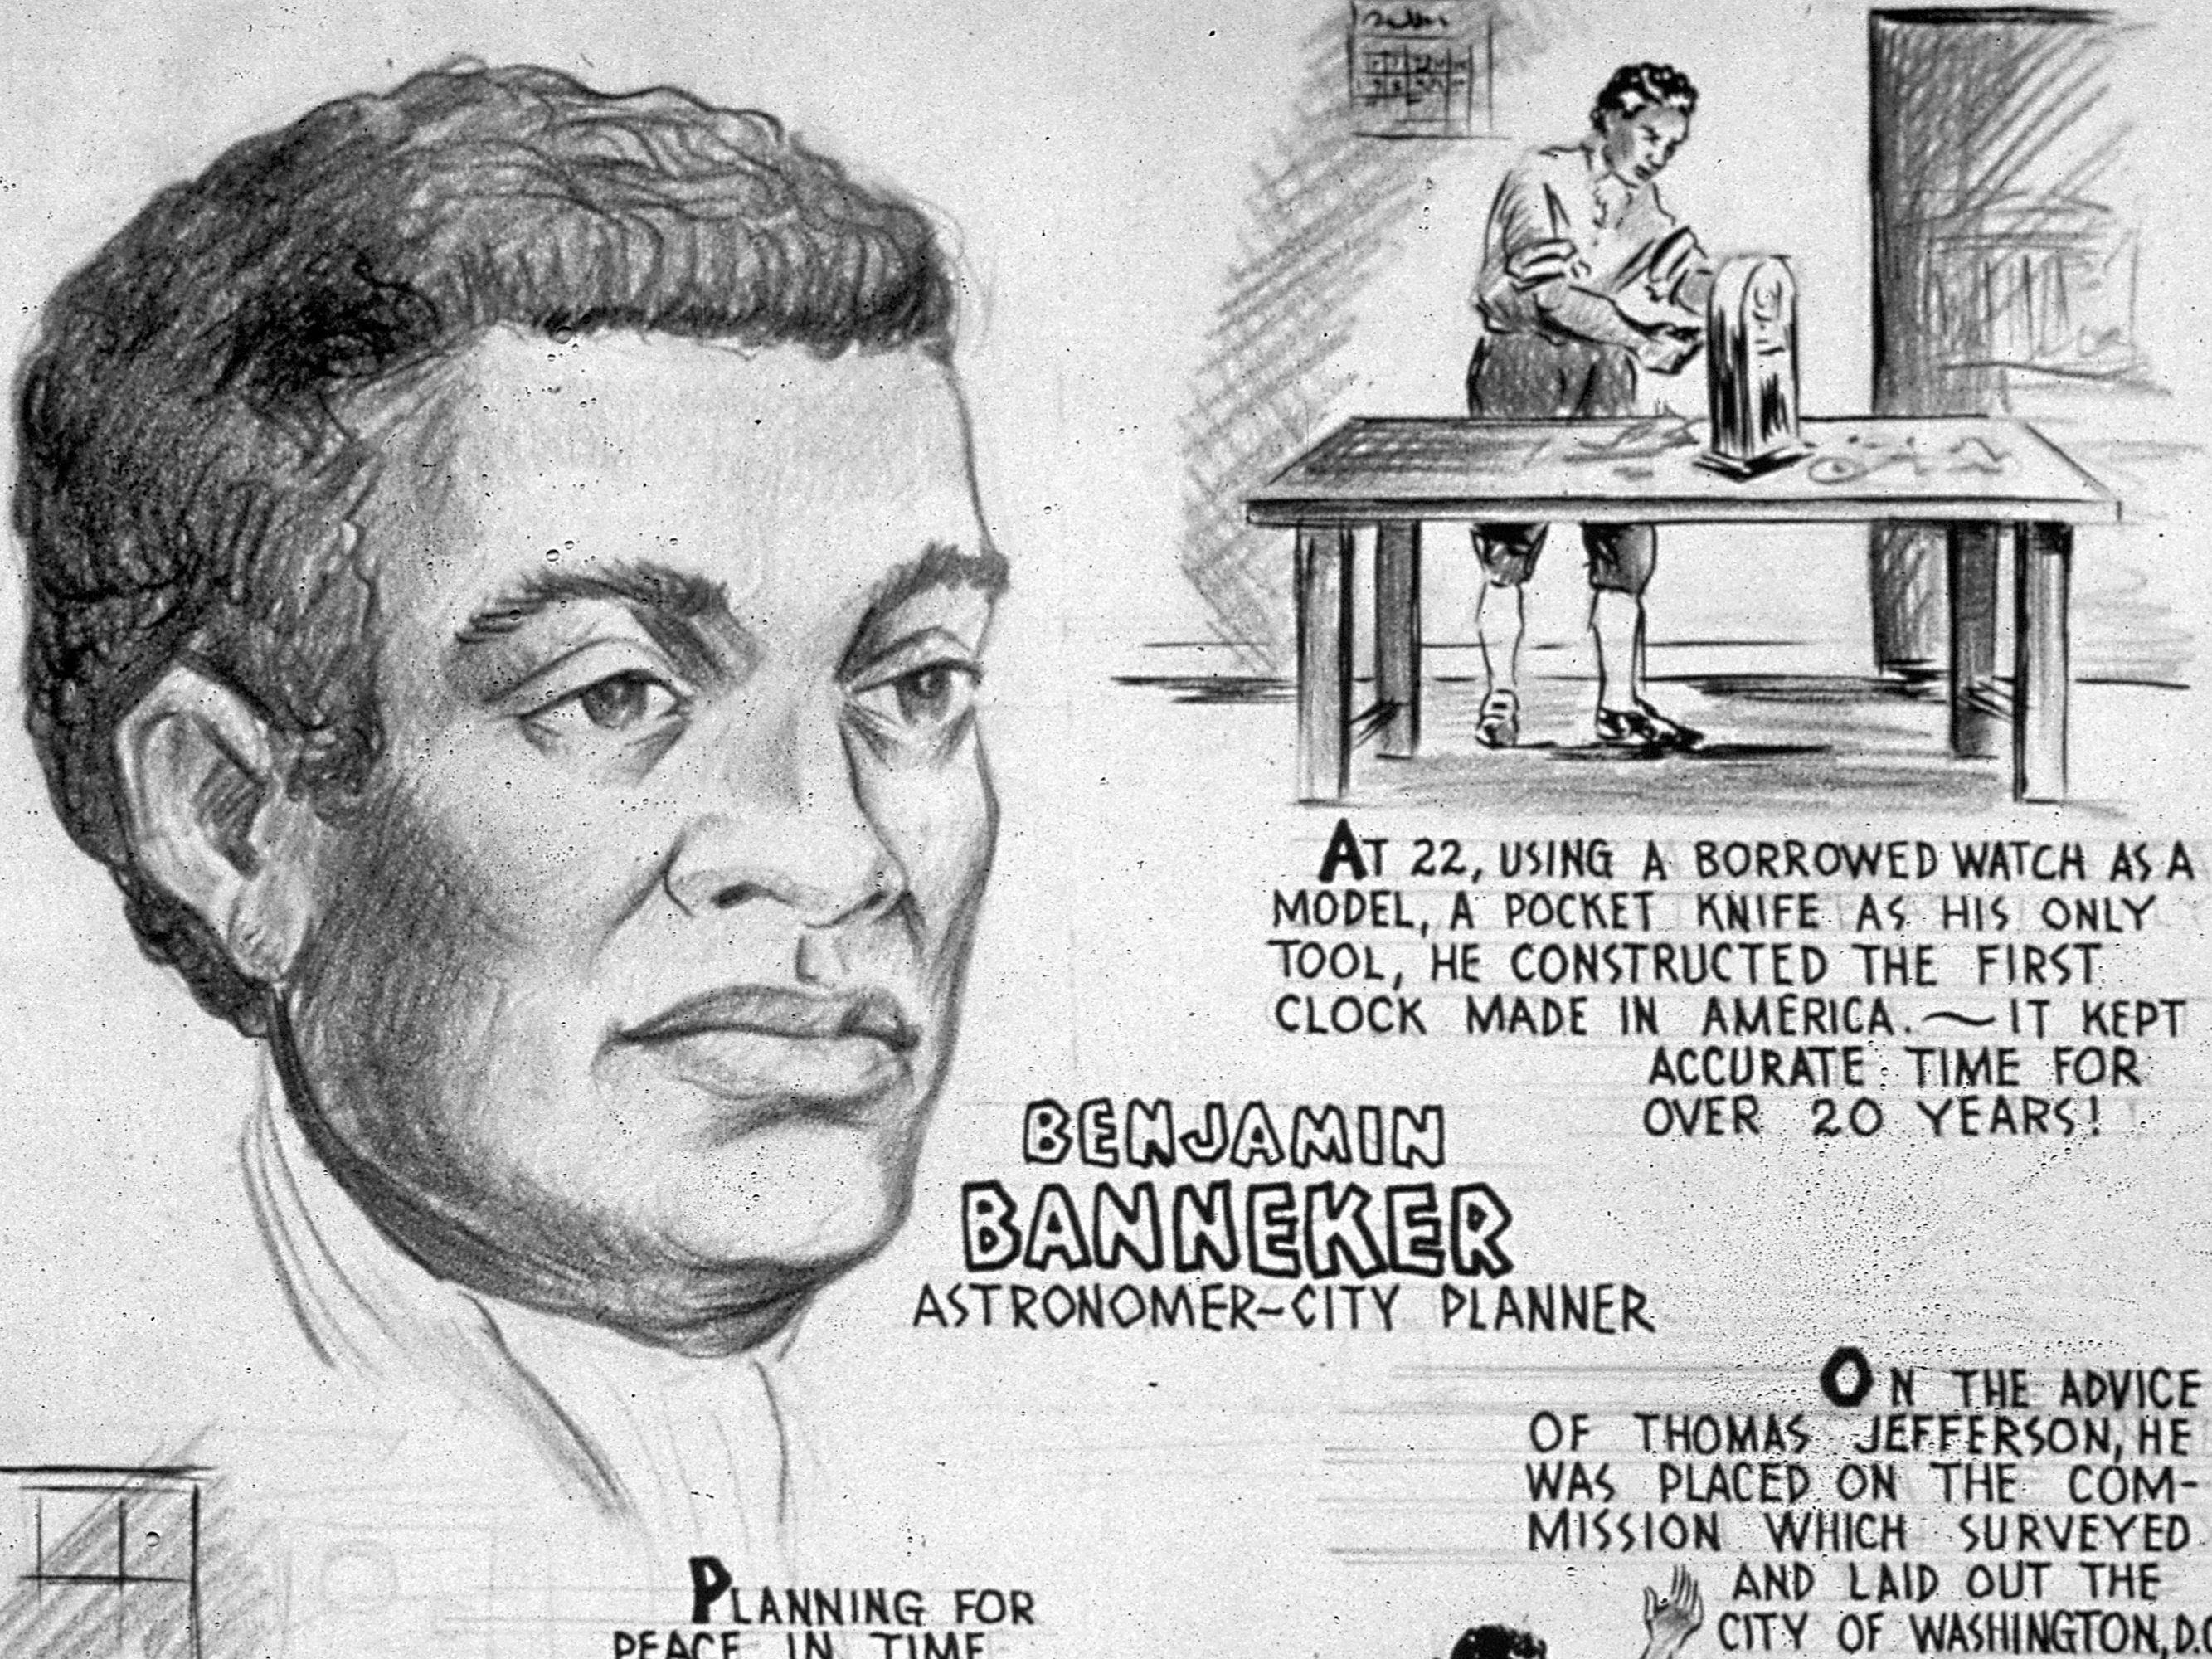 Biography Of Benjamin Banneker Author